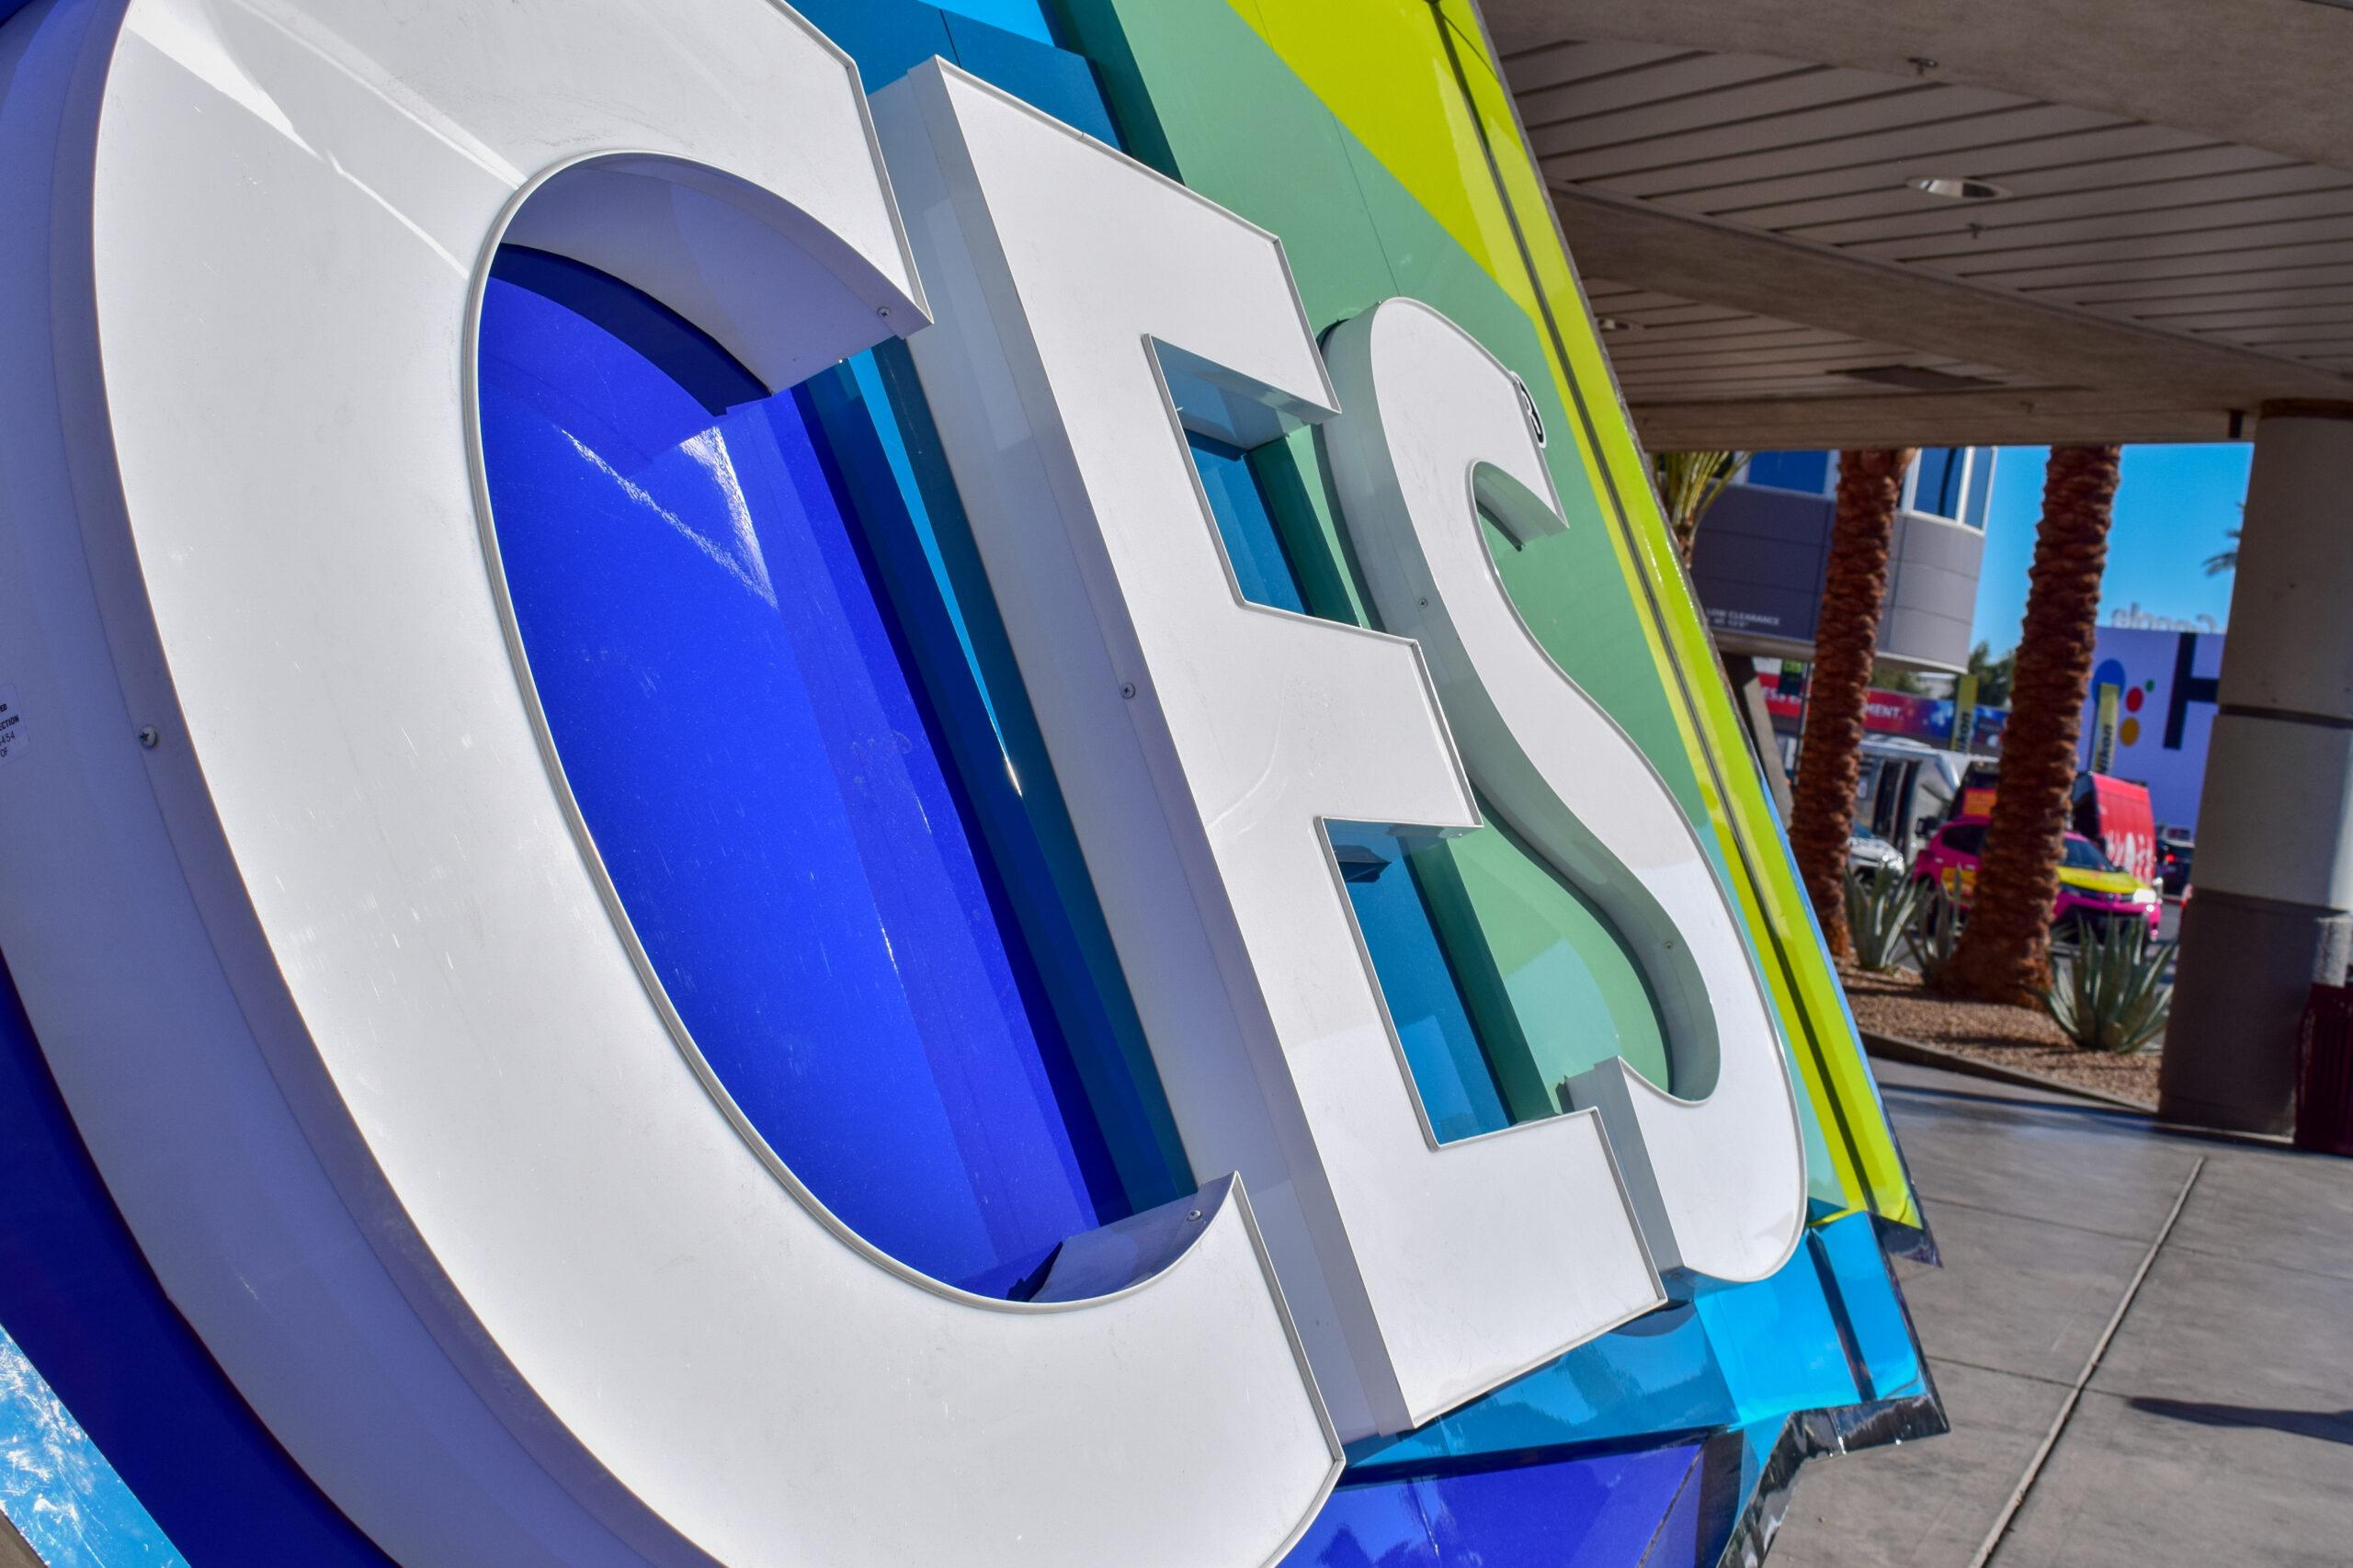 CES de Las Vegas : plus de cinquante ans d'innovation